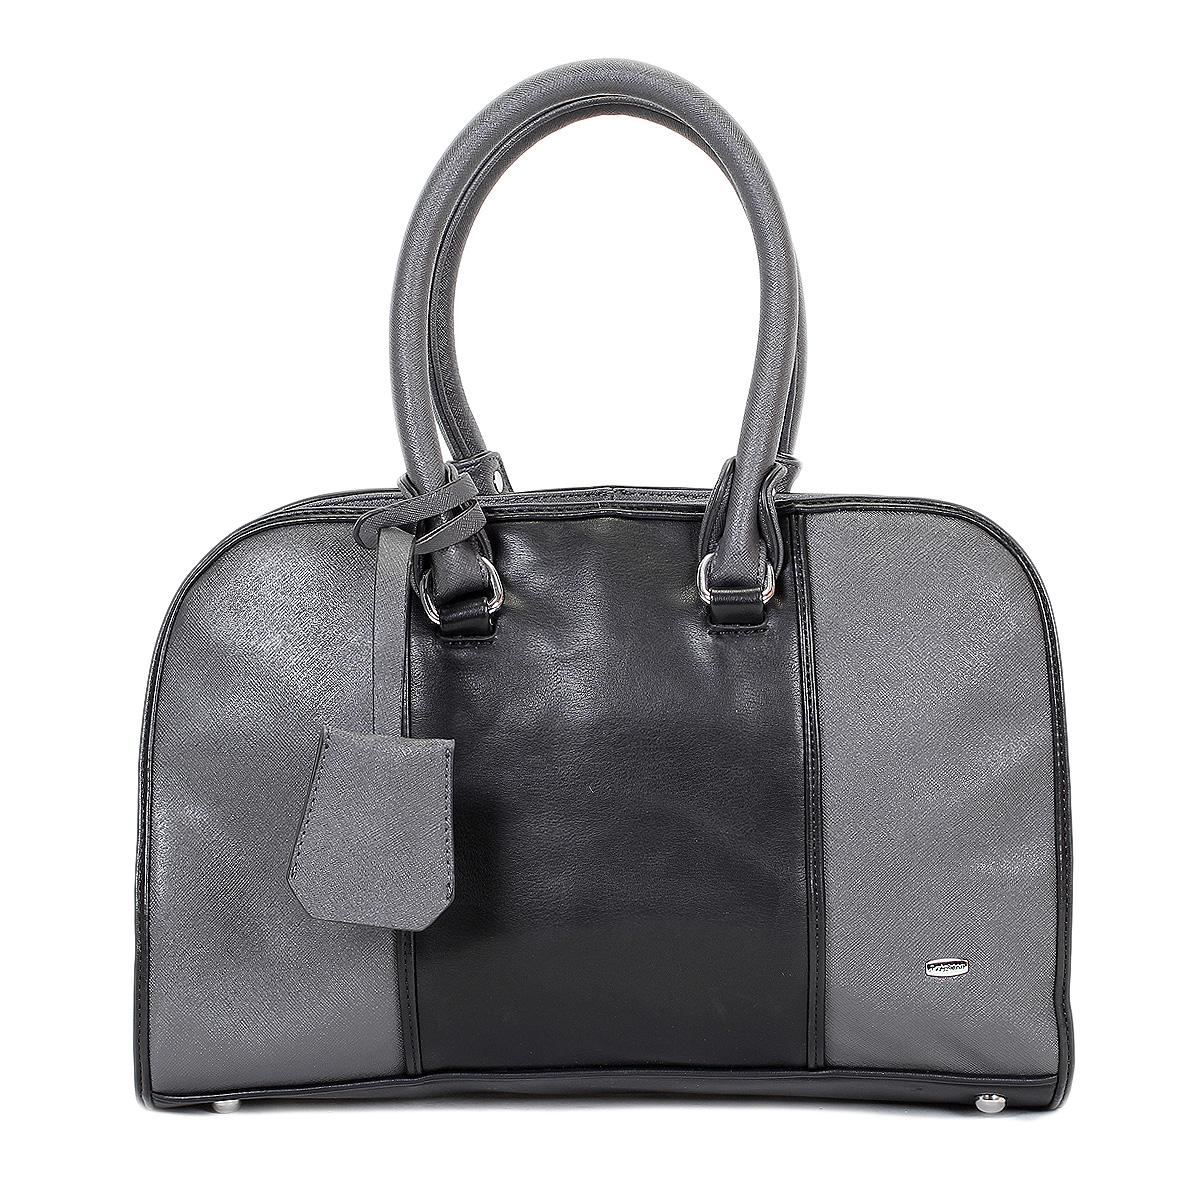 Сумка женская Leighton, цвет: черный, серый. 570353-3769/3/1166/101570353-3769/3/1166/101Стильная сумка Leighton выполнена из искусственной кожи с фактурной поверхностью и оформлена вставками из кожи контрастного цвета. Сумка имеет одно отделение, закрывающееся на застежку-молнию. Внутри располагается вшитый карман на застежке-молнии, образующий дополнительное малое отделение, а также два открытых кармана для мелочей и один прорезной карман на молнии. На задней стороне сумки имеется прорезной карман на молнии. Сумка оснащена двумя удобными ручками. Фурнитура выполнена из серебристого металла. По желанию сумку можно оформить входящей в комплект металлической подвеской с логотипом производителя. В комплекте чехол для хранения и съемный плечевой ремень. Сумка Leighton - это практичный и модный аксессуар, который станет функциональным дополнением к любому стилю. Блестящий дизайн сумки, сочетающий классические формы с оригинальным оформлением, позволит вам подчеркнуть свою индивидуальность и сделает ваш образ изысканным и завершенным.